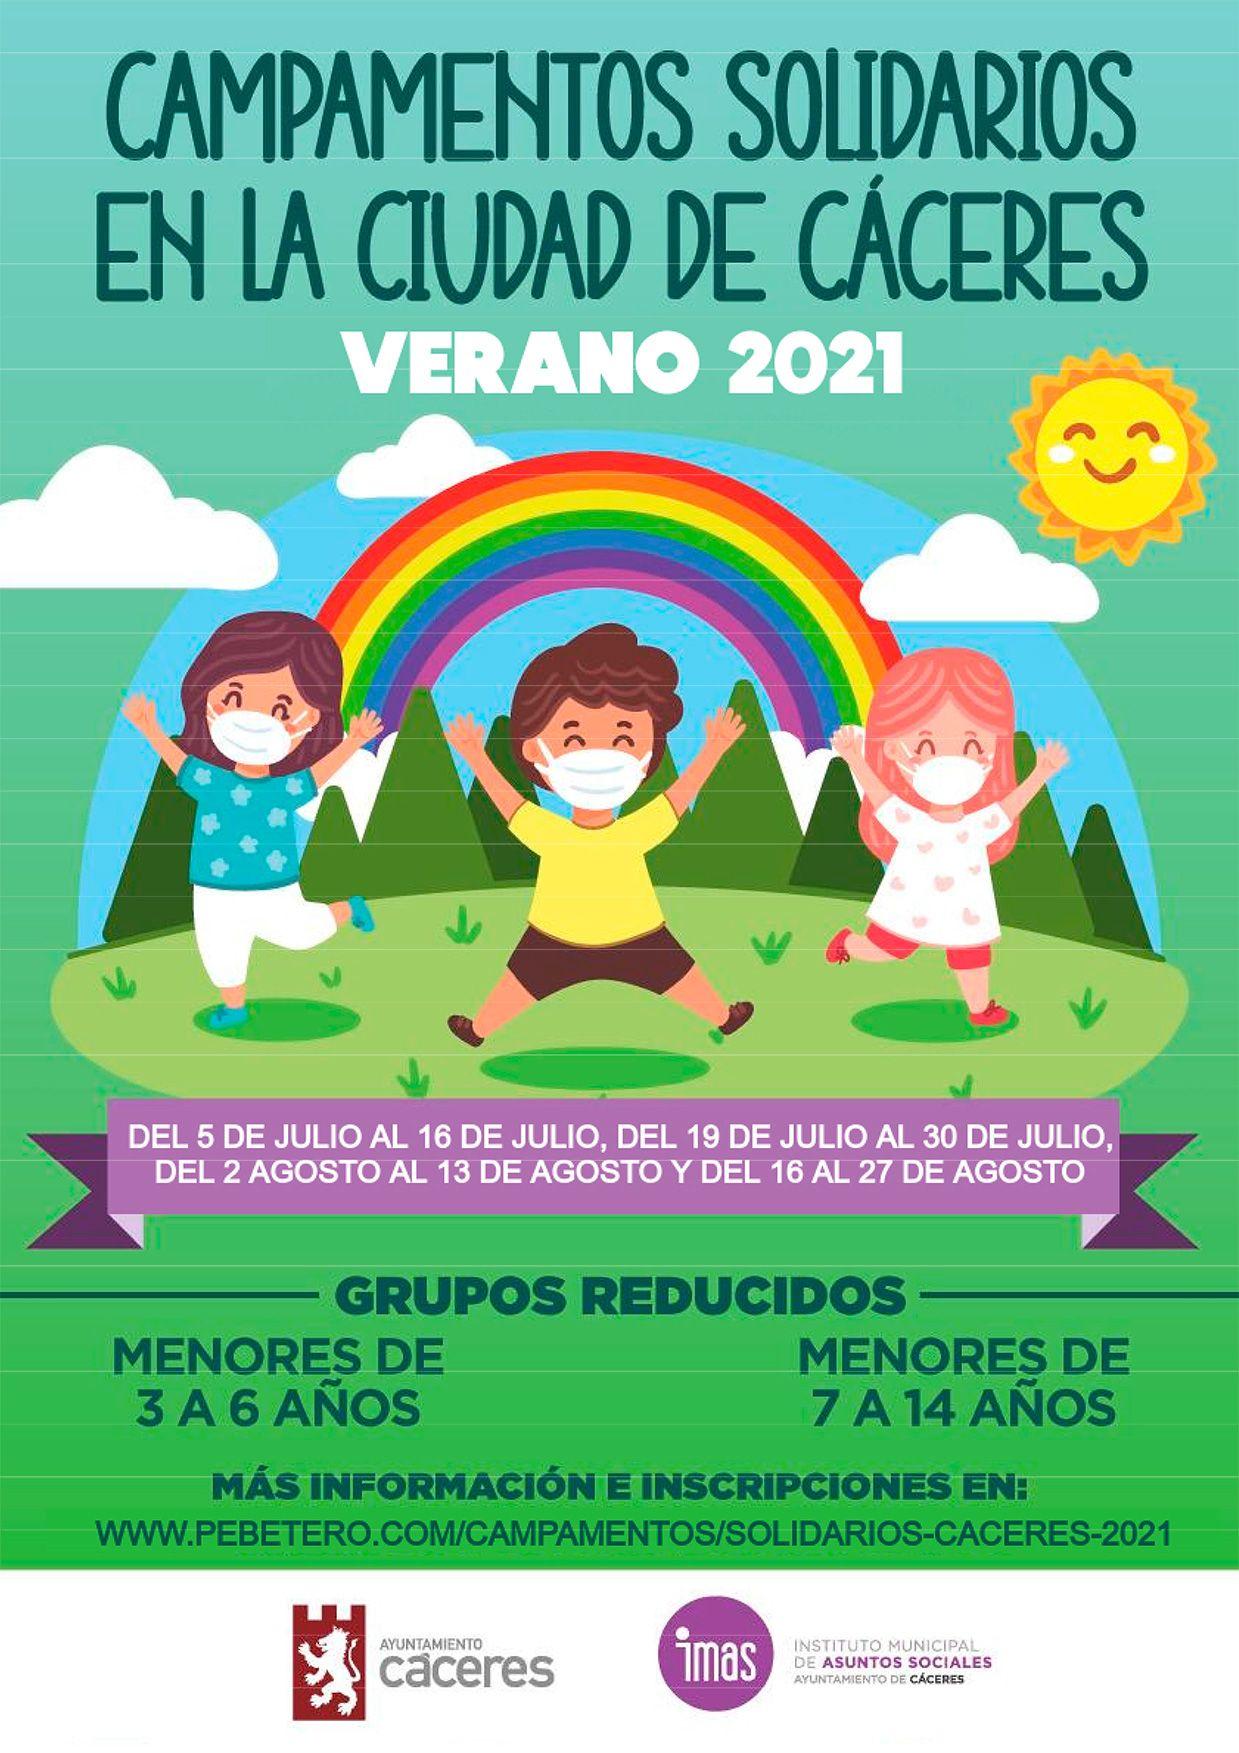 Campamentos solidarios 2021